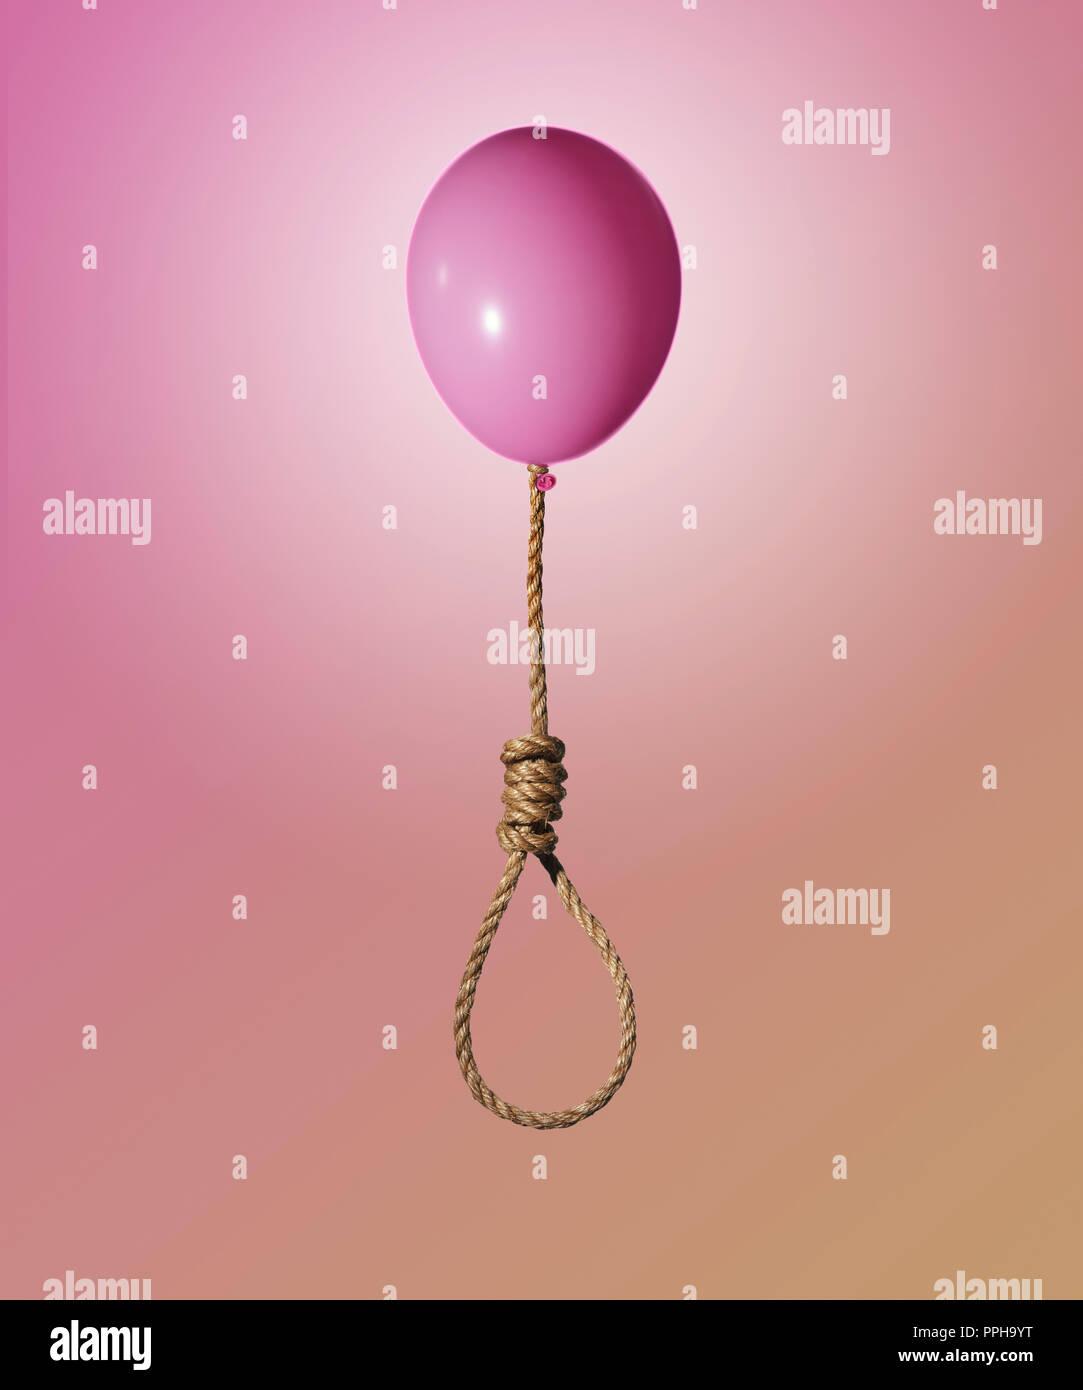 Pink Balloon Anheben einer Jute Seil und Hangman's noose Knoten Konzept Stockbild